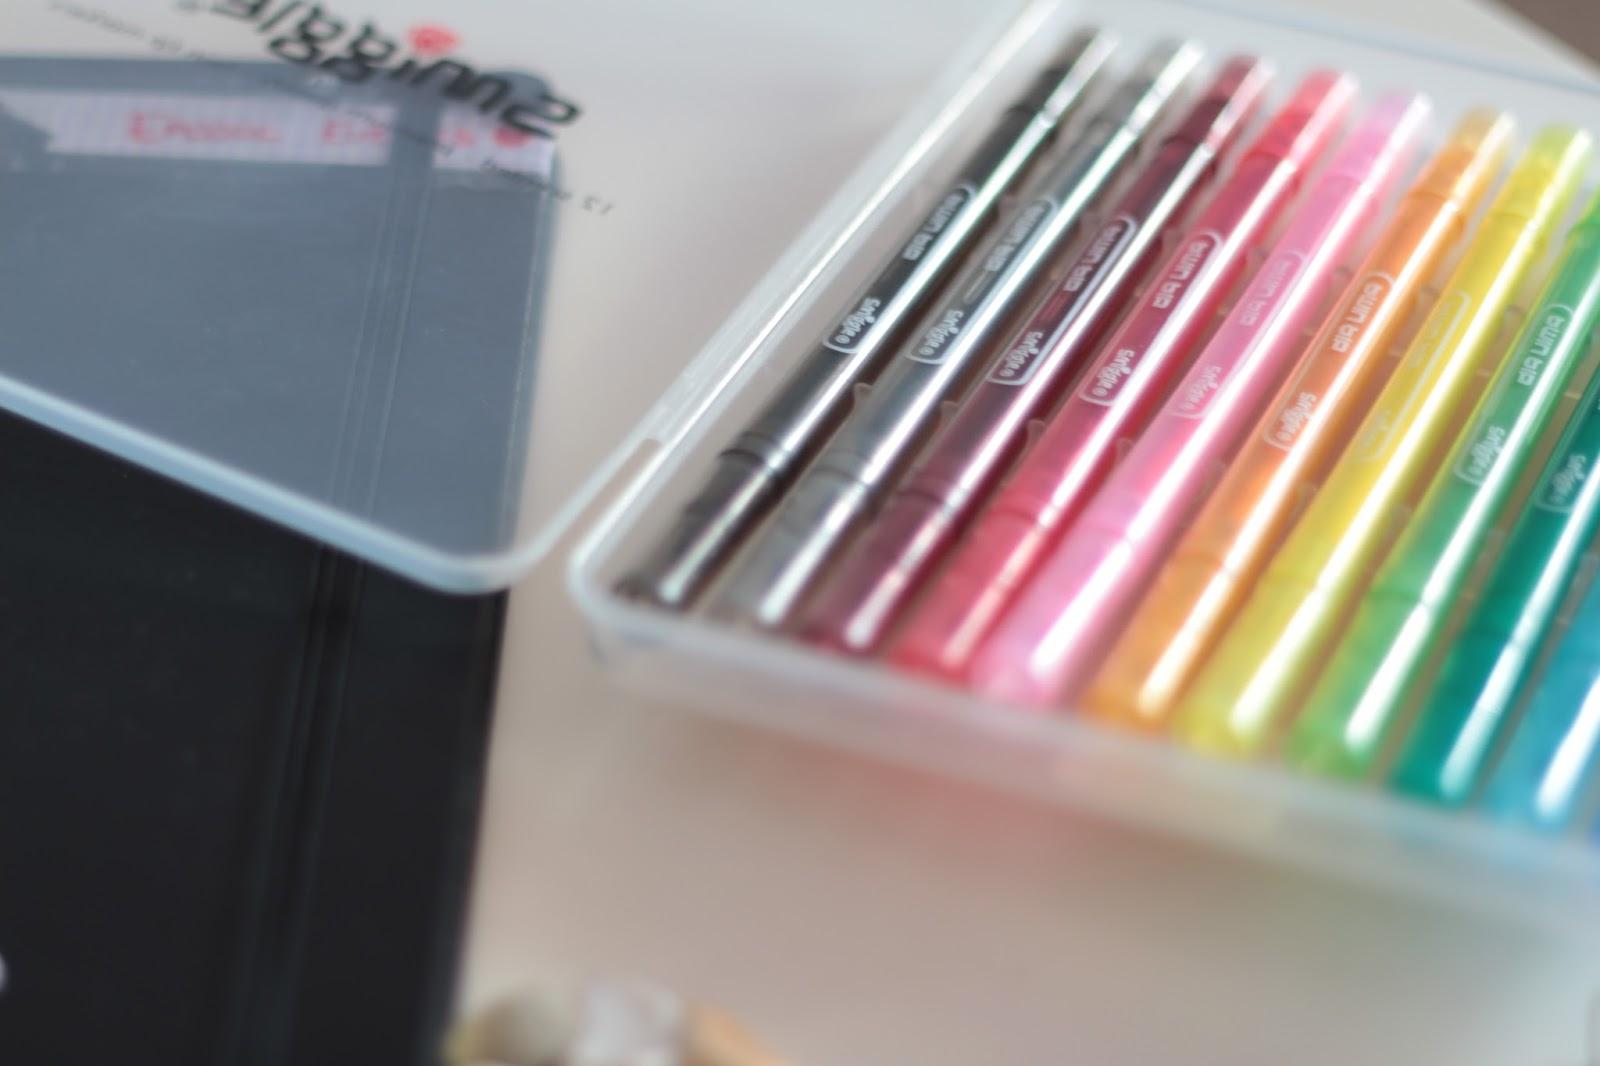 university stationery haul - smiggle felt tips